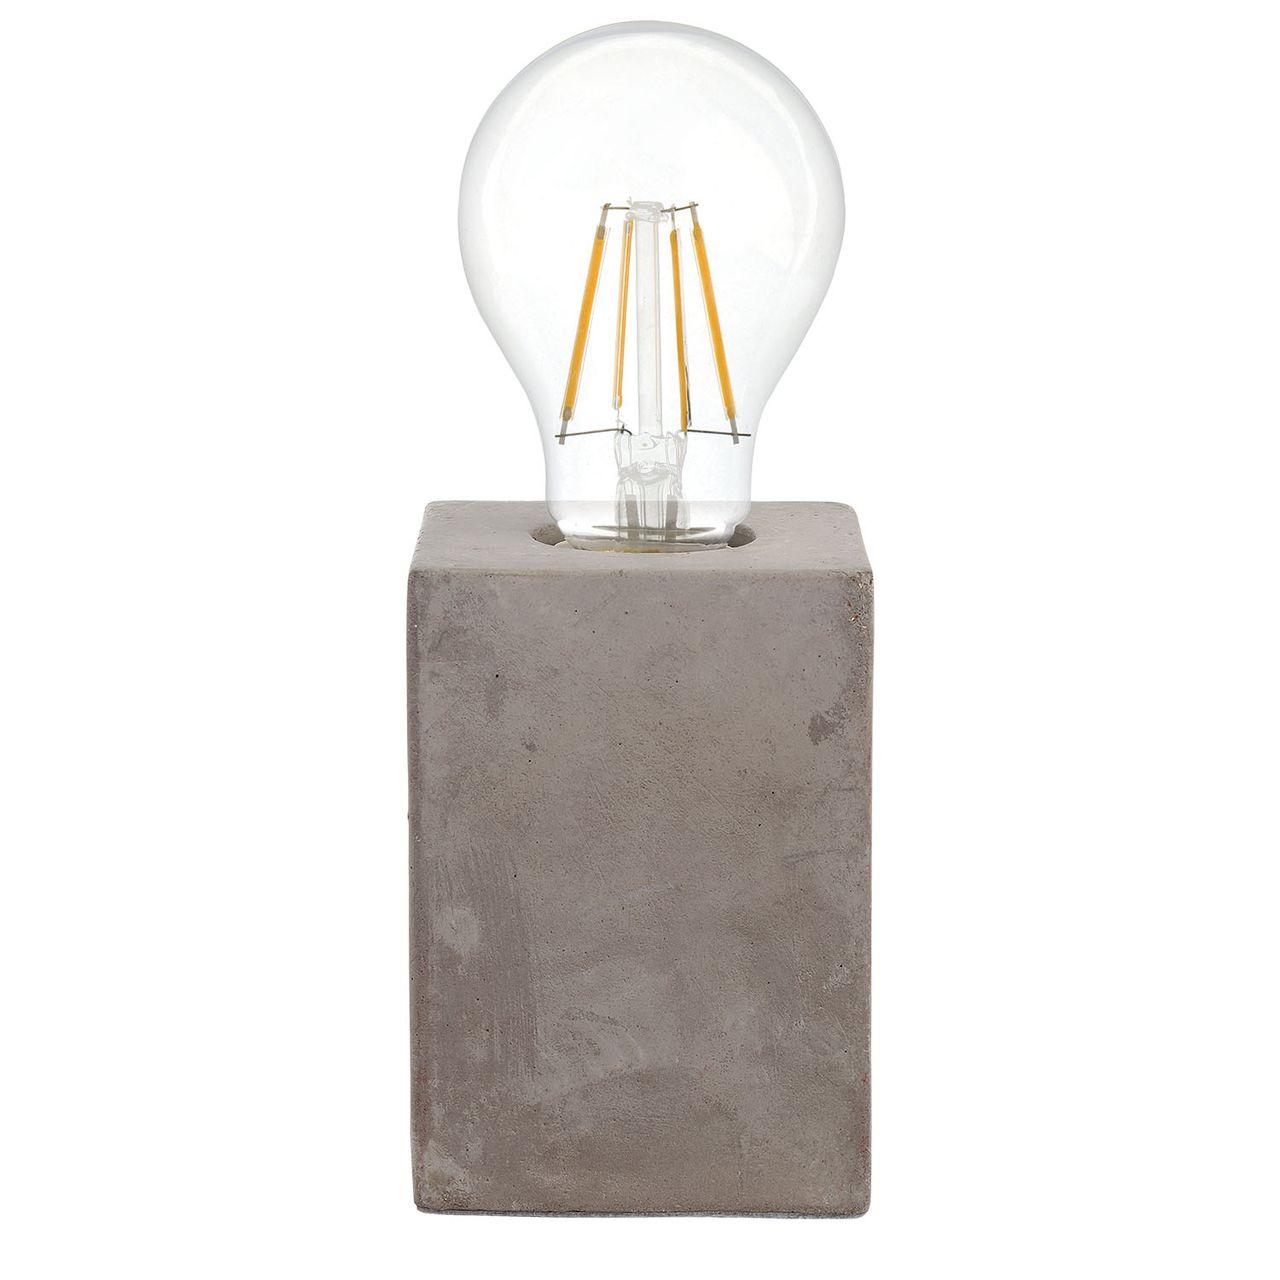 Настольная лампа Eglo Prestwick 49812 eglo настольная лампа eglo trungle 49624